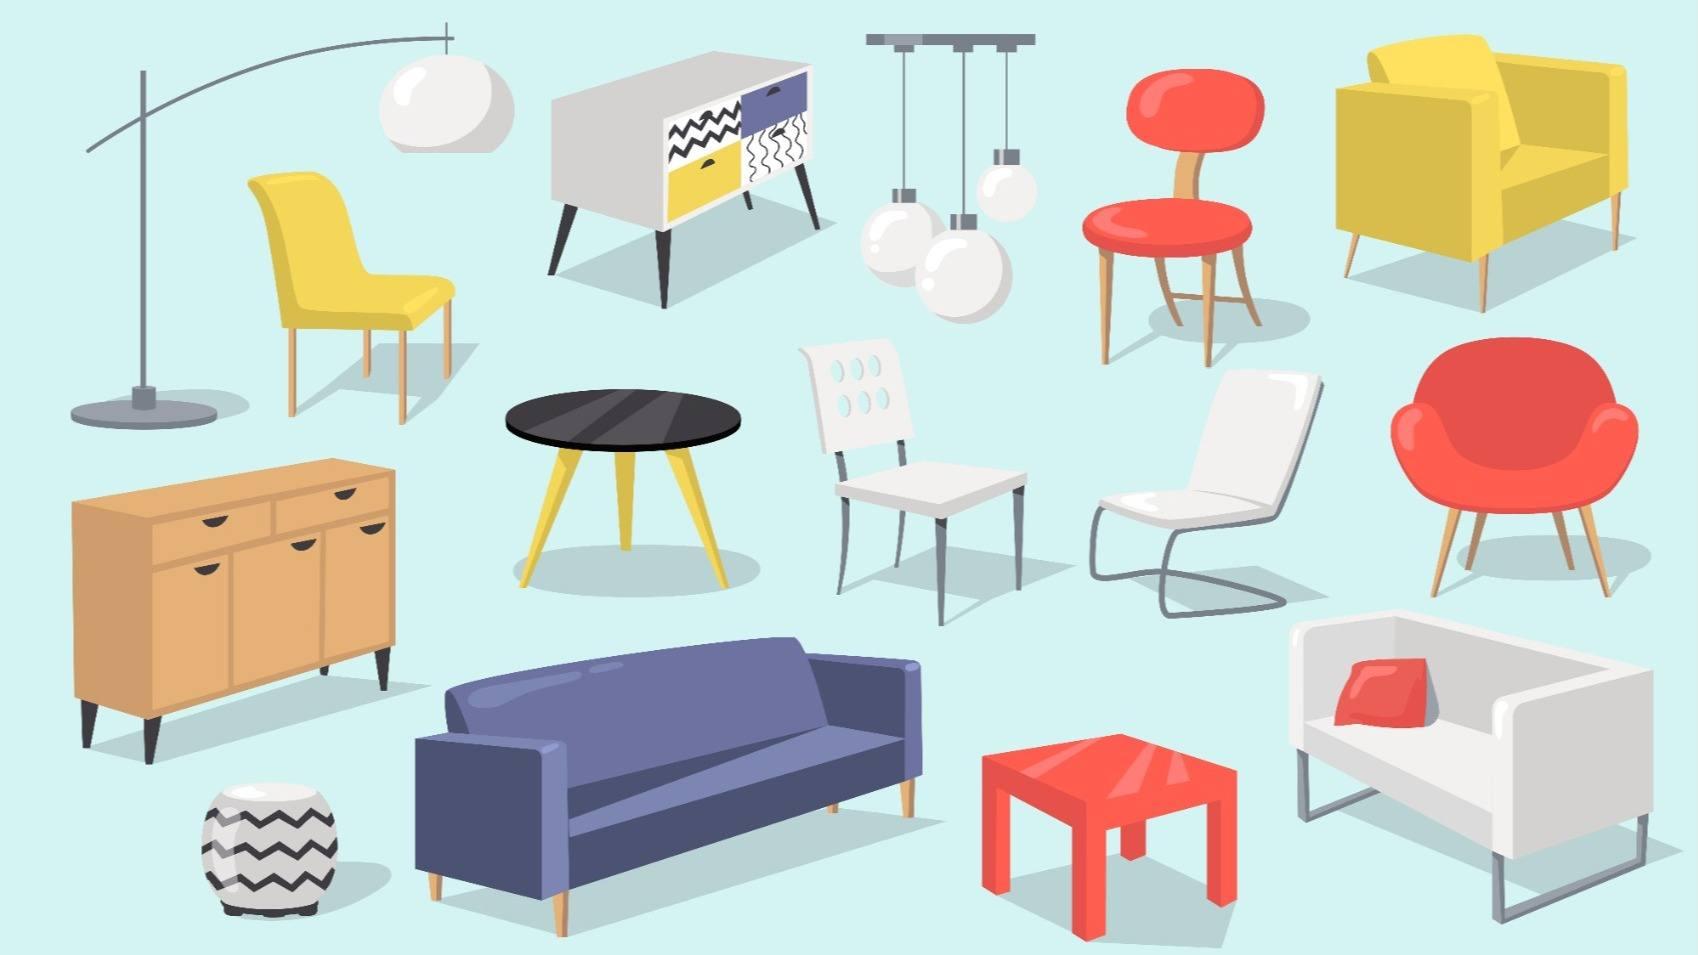 С прицелом на экспорт: региональных производителей приглашают на международную выставку «Мебель-2020»